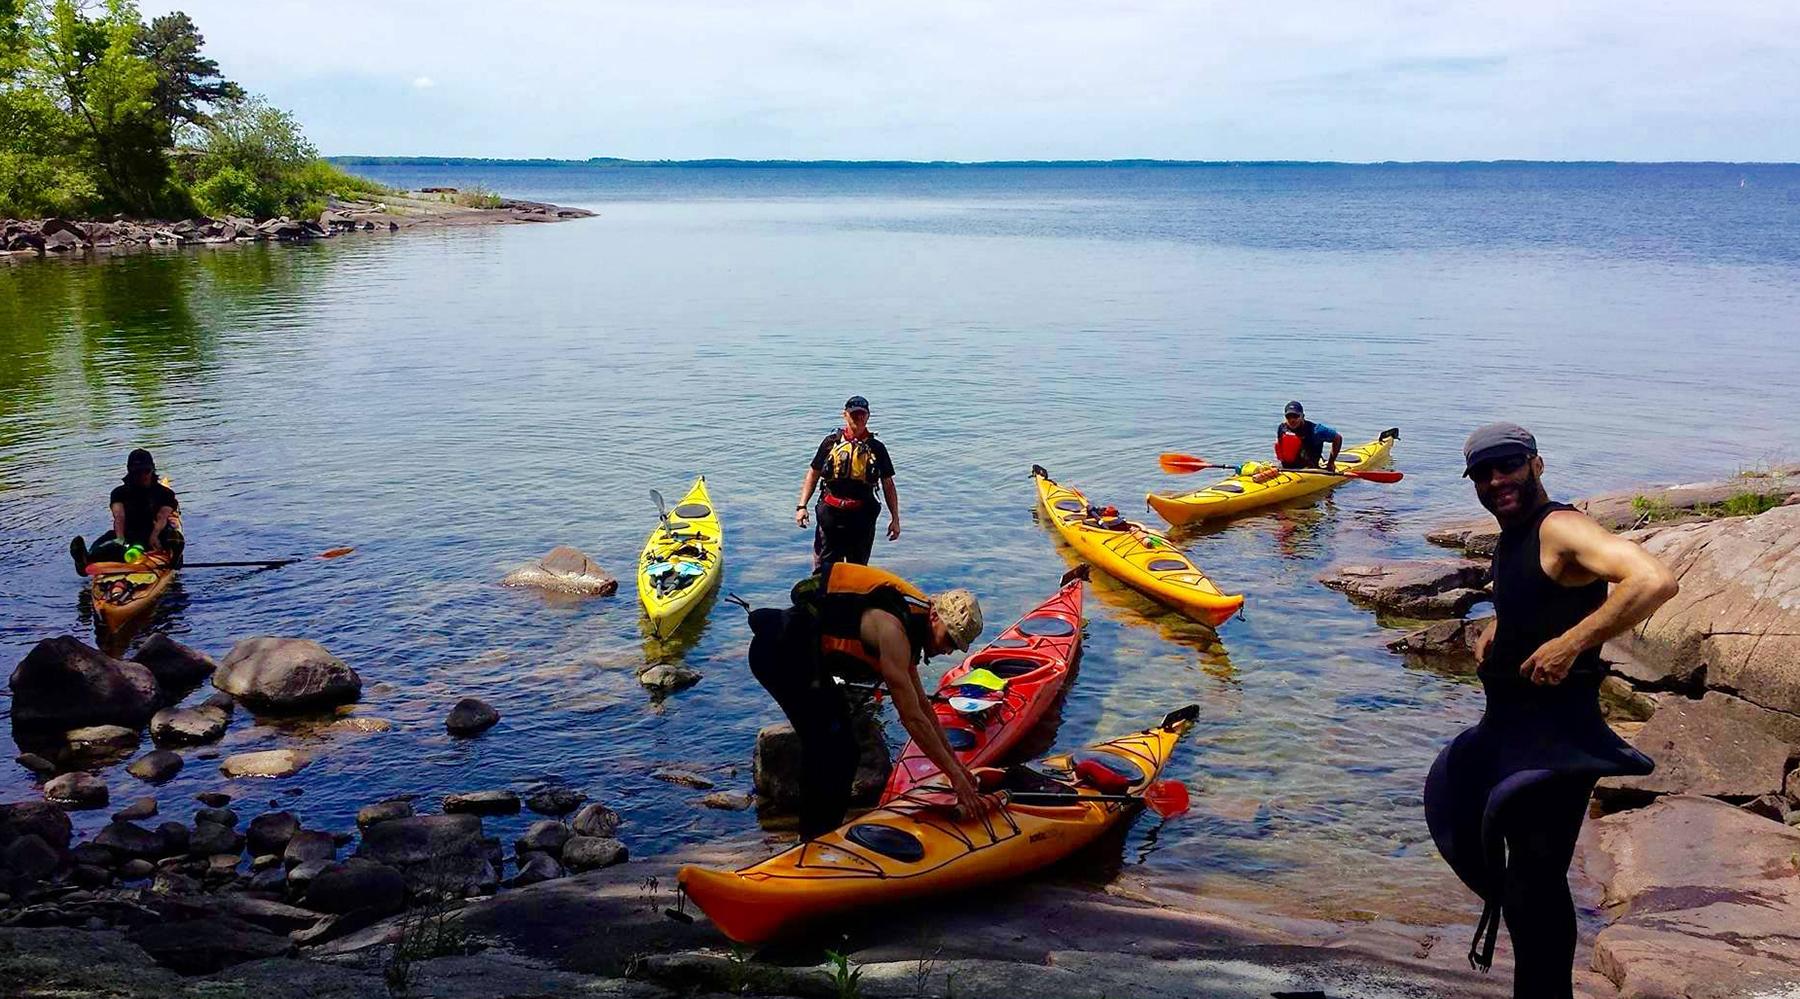 mille-îles en kayak - voyage kayak de mer - voyage kayak - kayak de mer - randonnée kayak - itinérance kayak